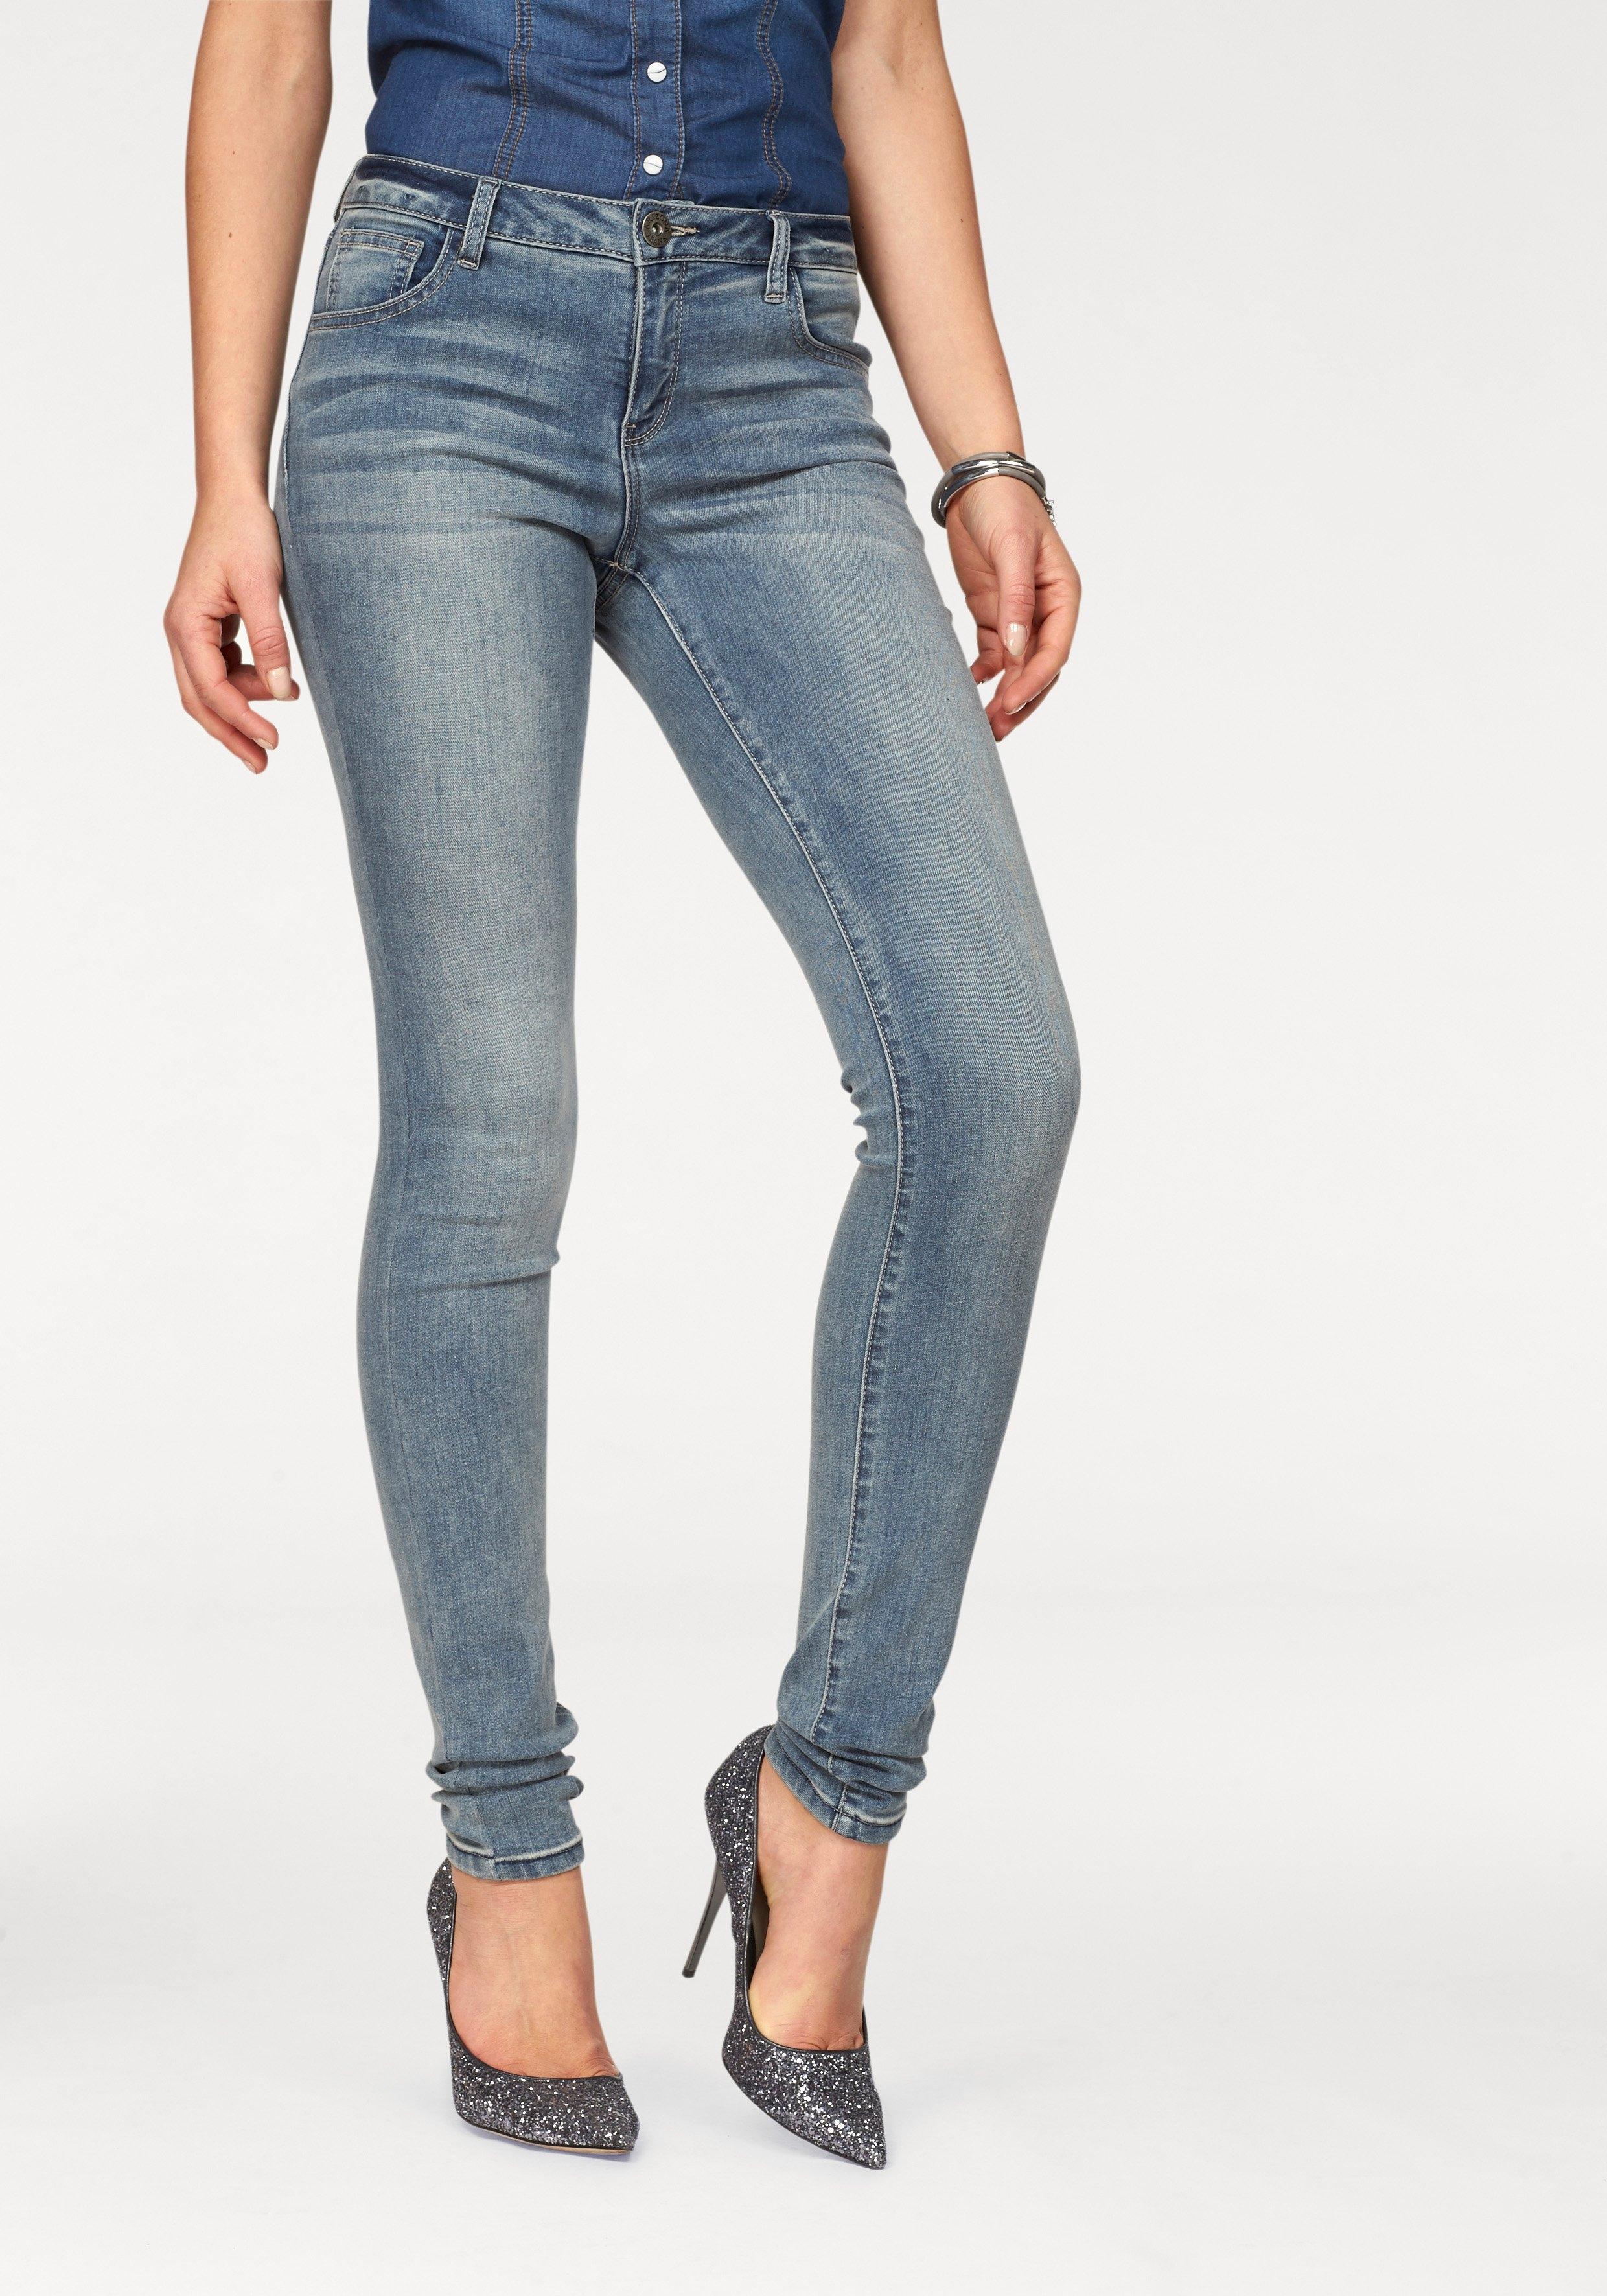 Arizona skinny fit jeans Ultra Stretch Mid waist bestellen: 30 dagen bedenktijd